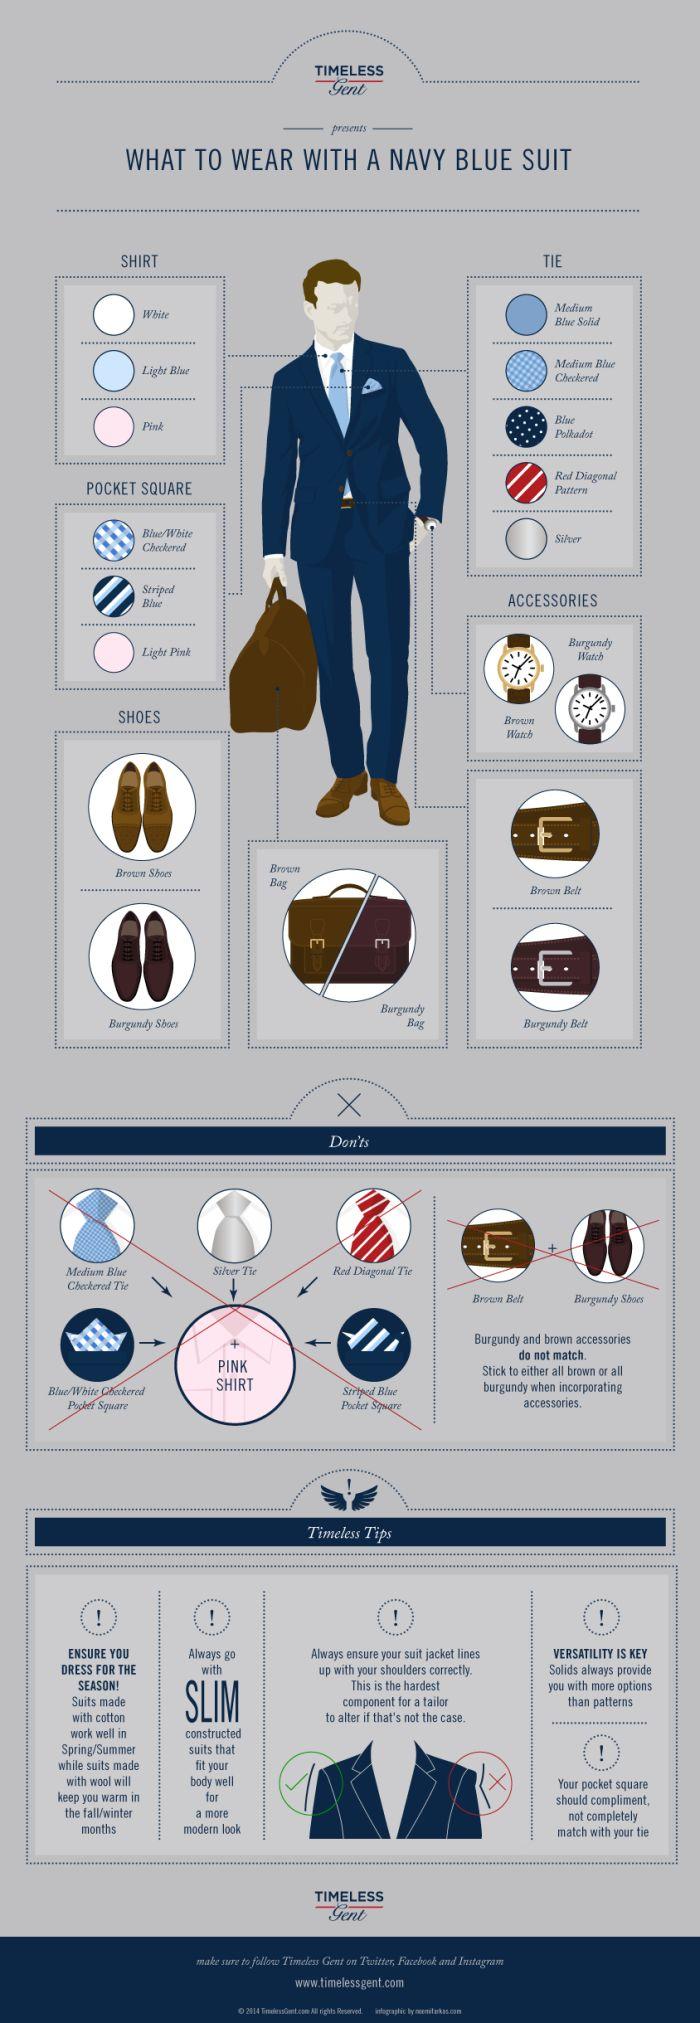 Timeless Gent jetzt neu! ->. . . . . der Blog für den Gentleman.viele interessante Beiträge  - www.thegentlemanclub.de/blog